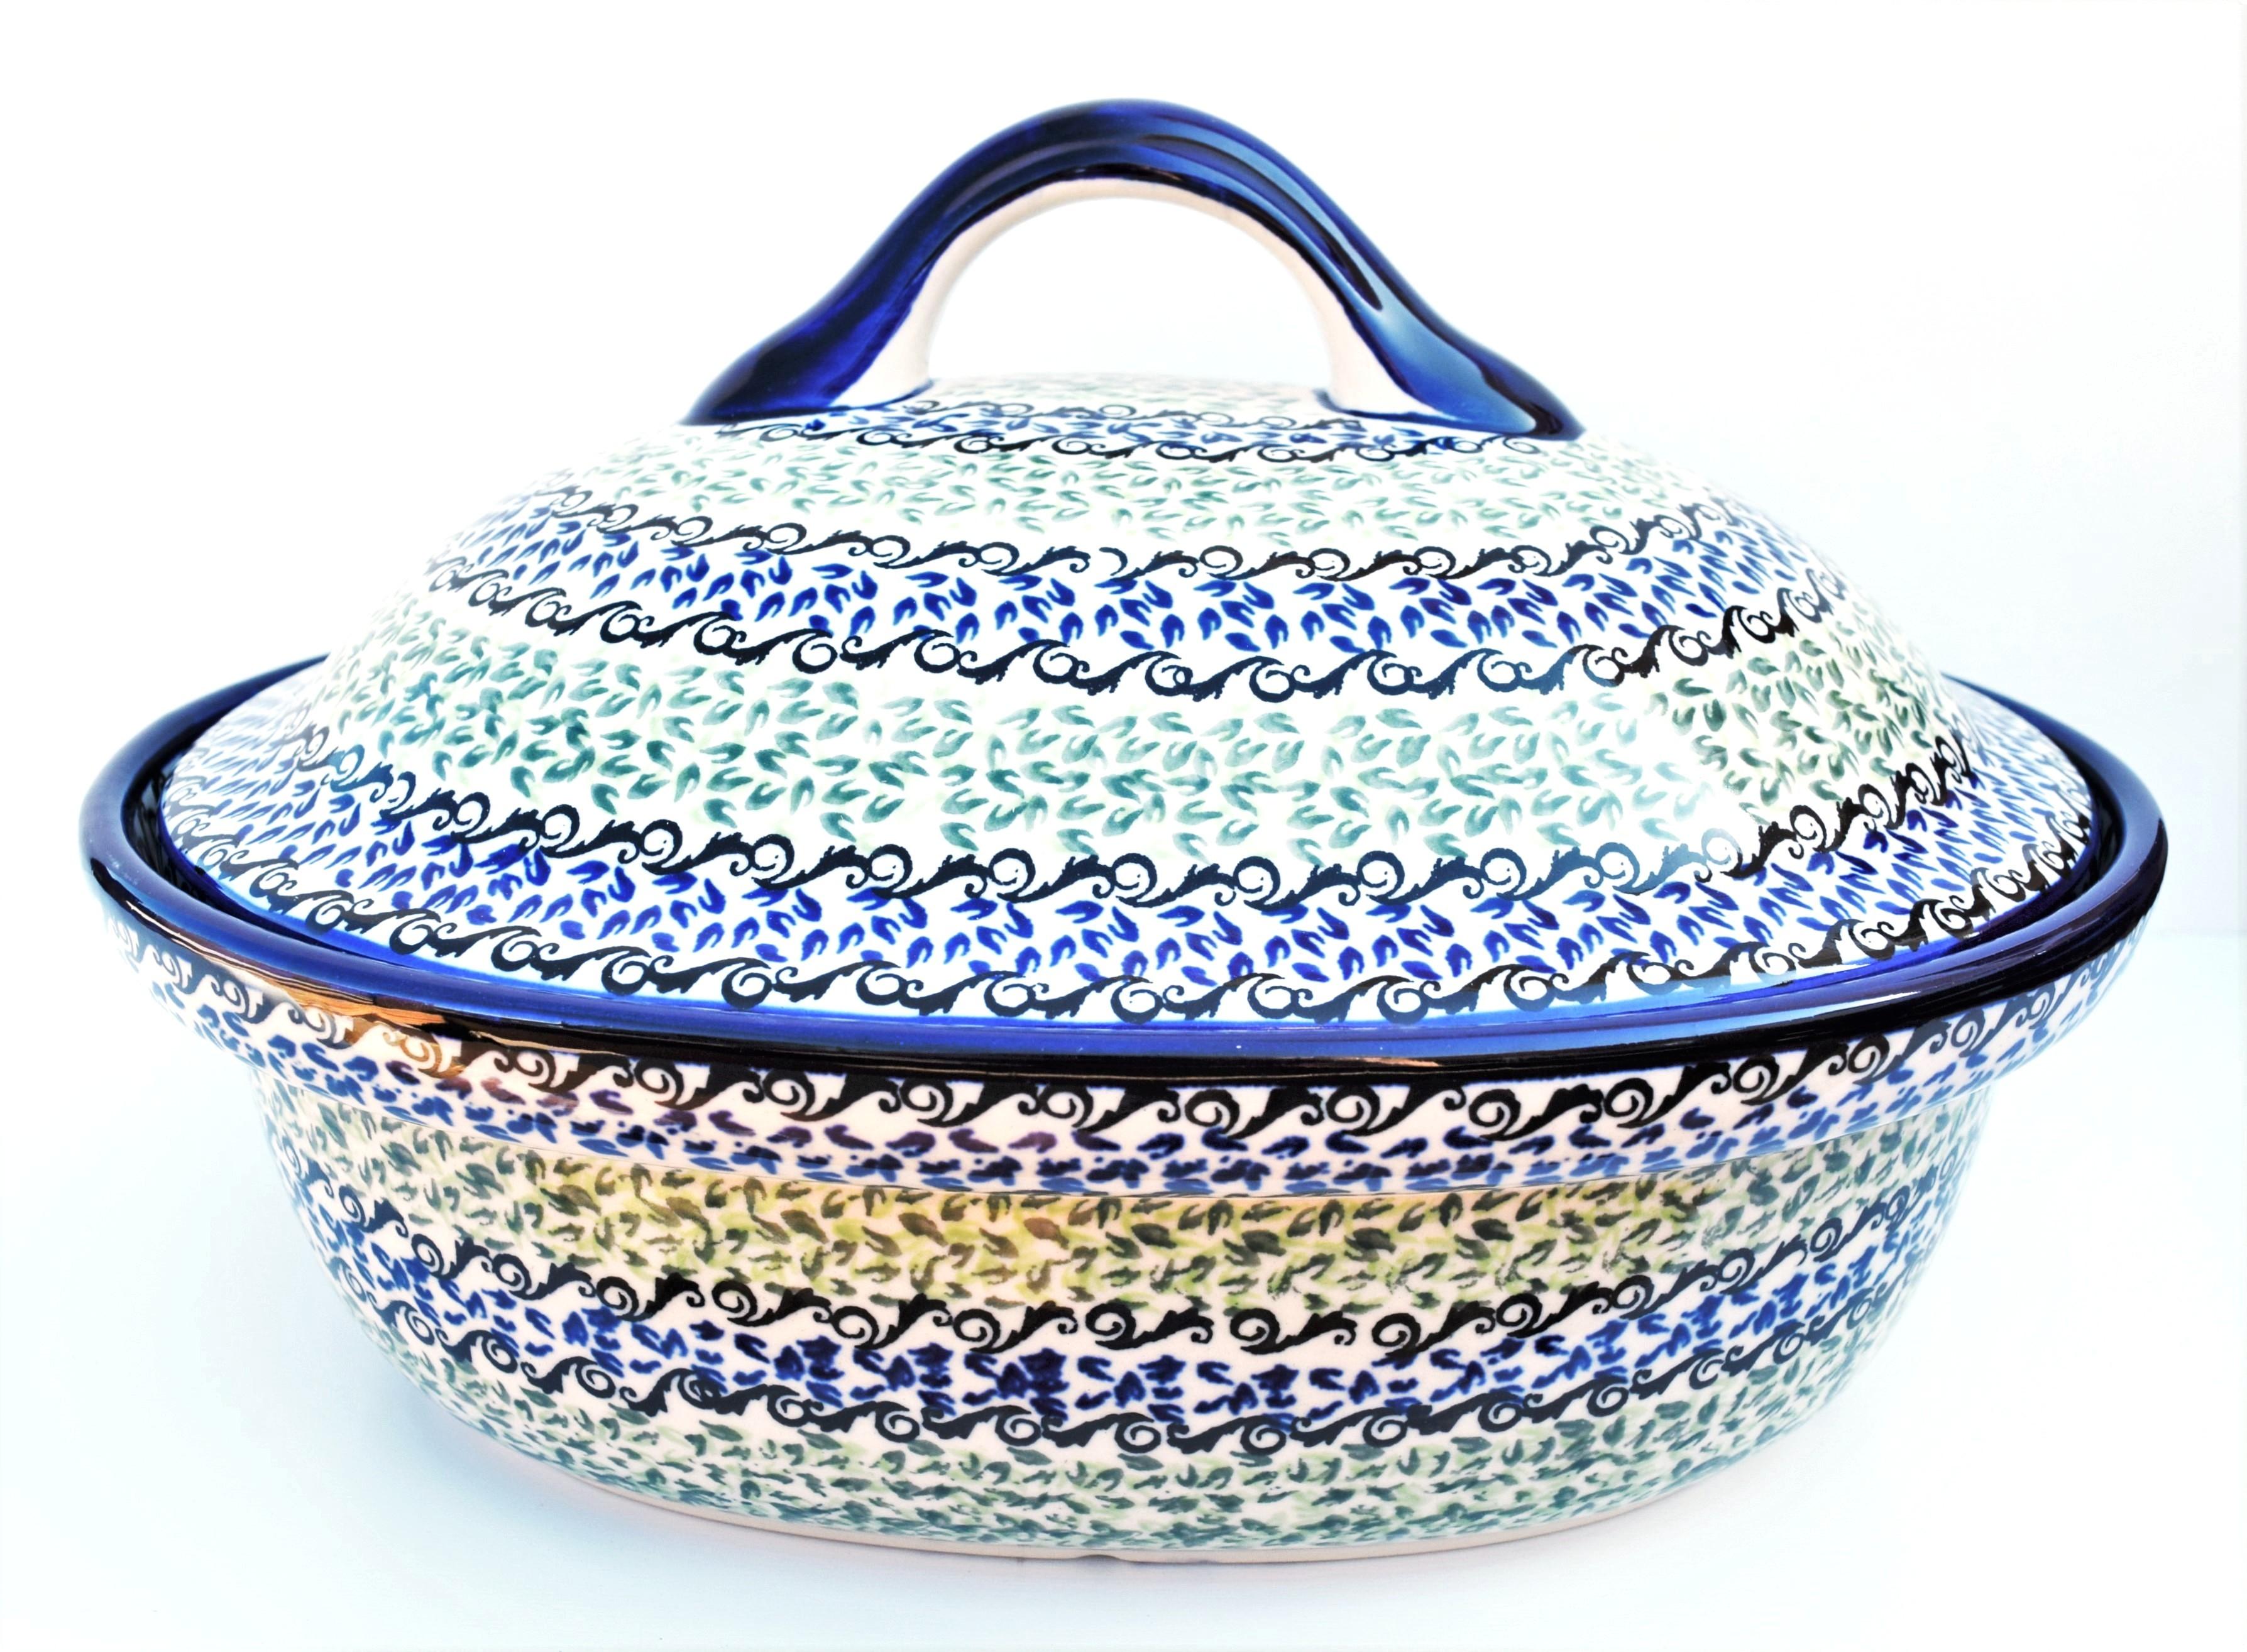 Pottery Avenue Large Oval Stoneware 2pc Baker - 1158-1182A Celebrate